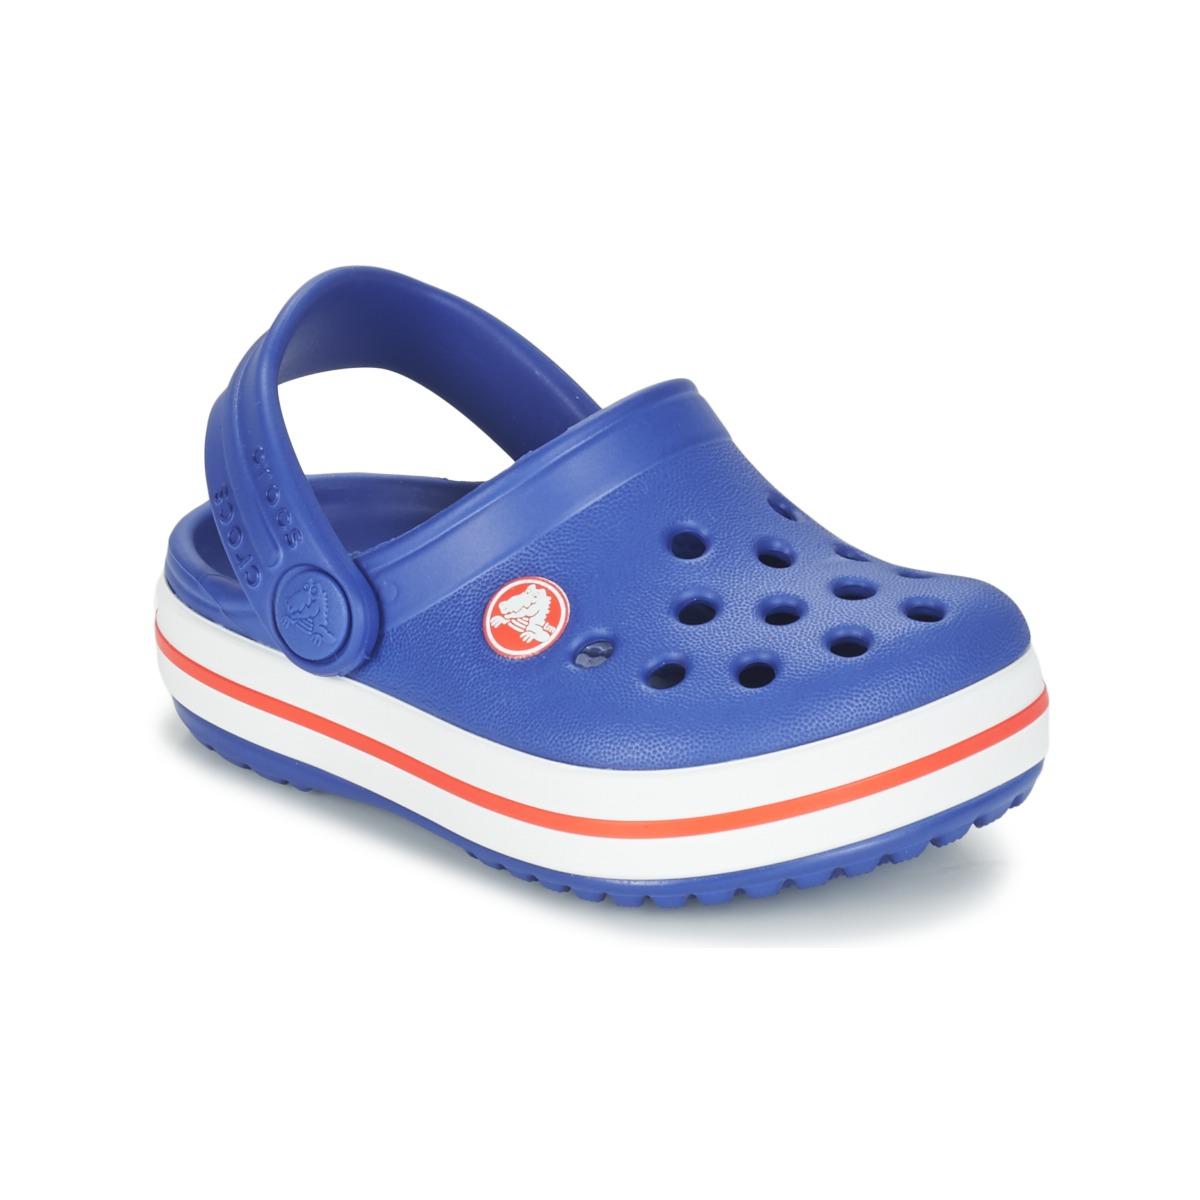 b534ec7a009 CROCS - Sapatos criancas CROCS - Entrega gratuita com a Spartoo.pt !